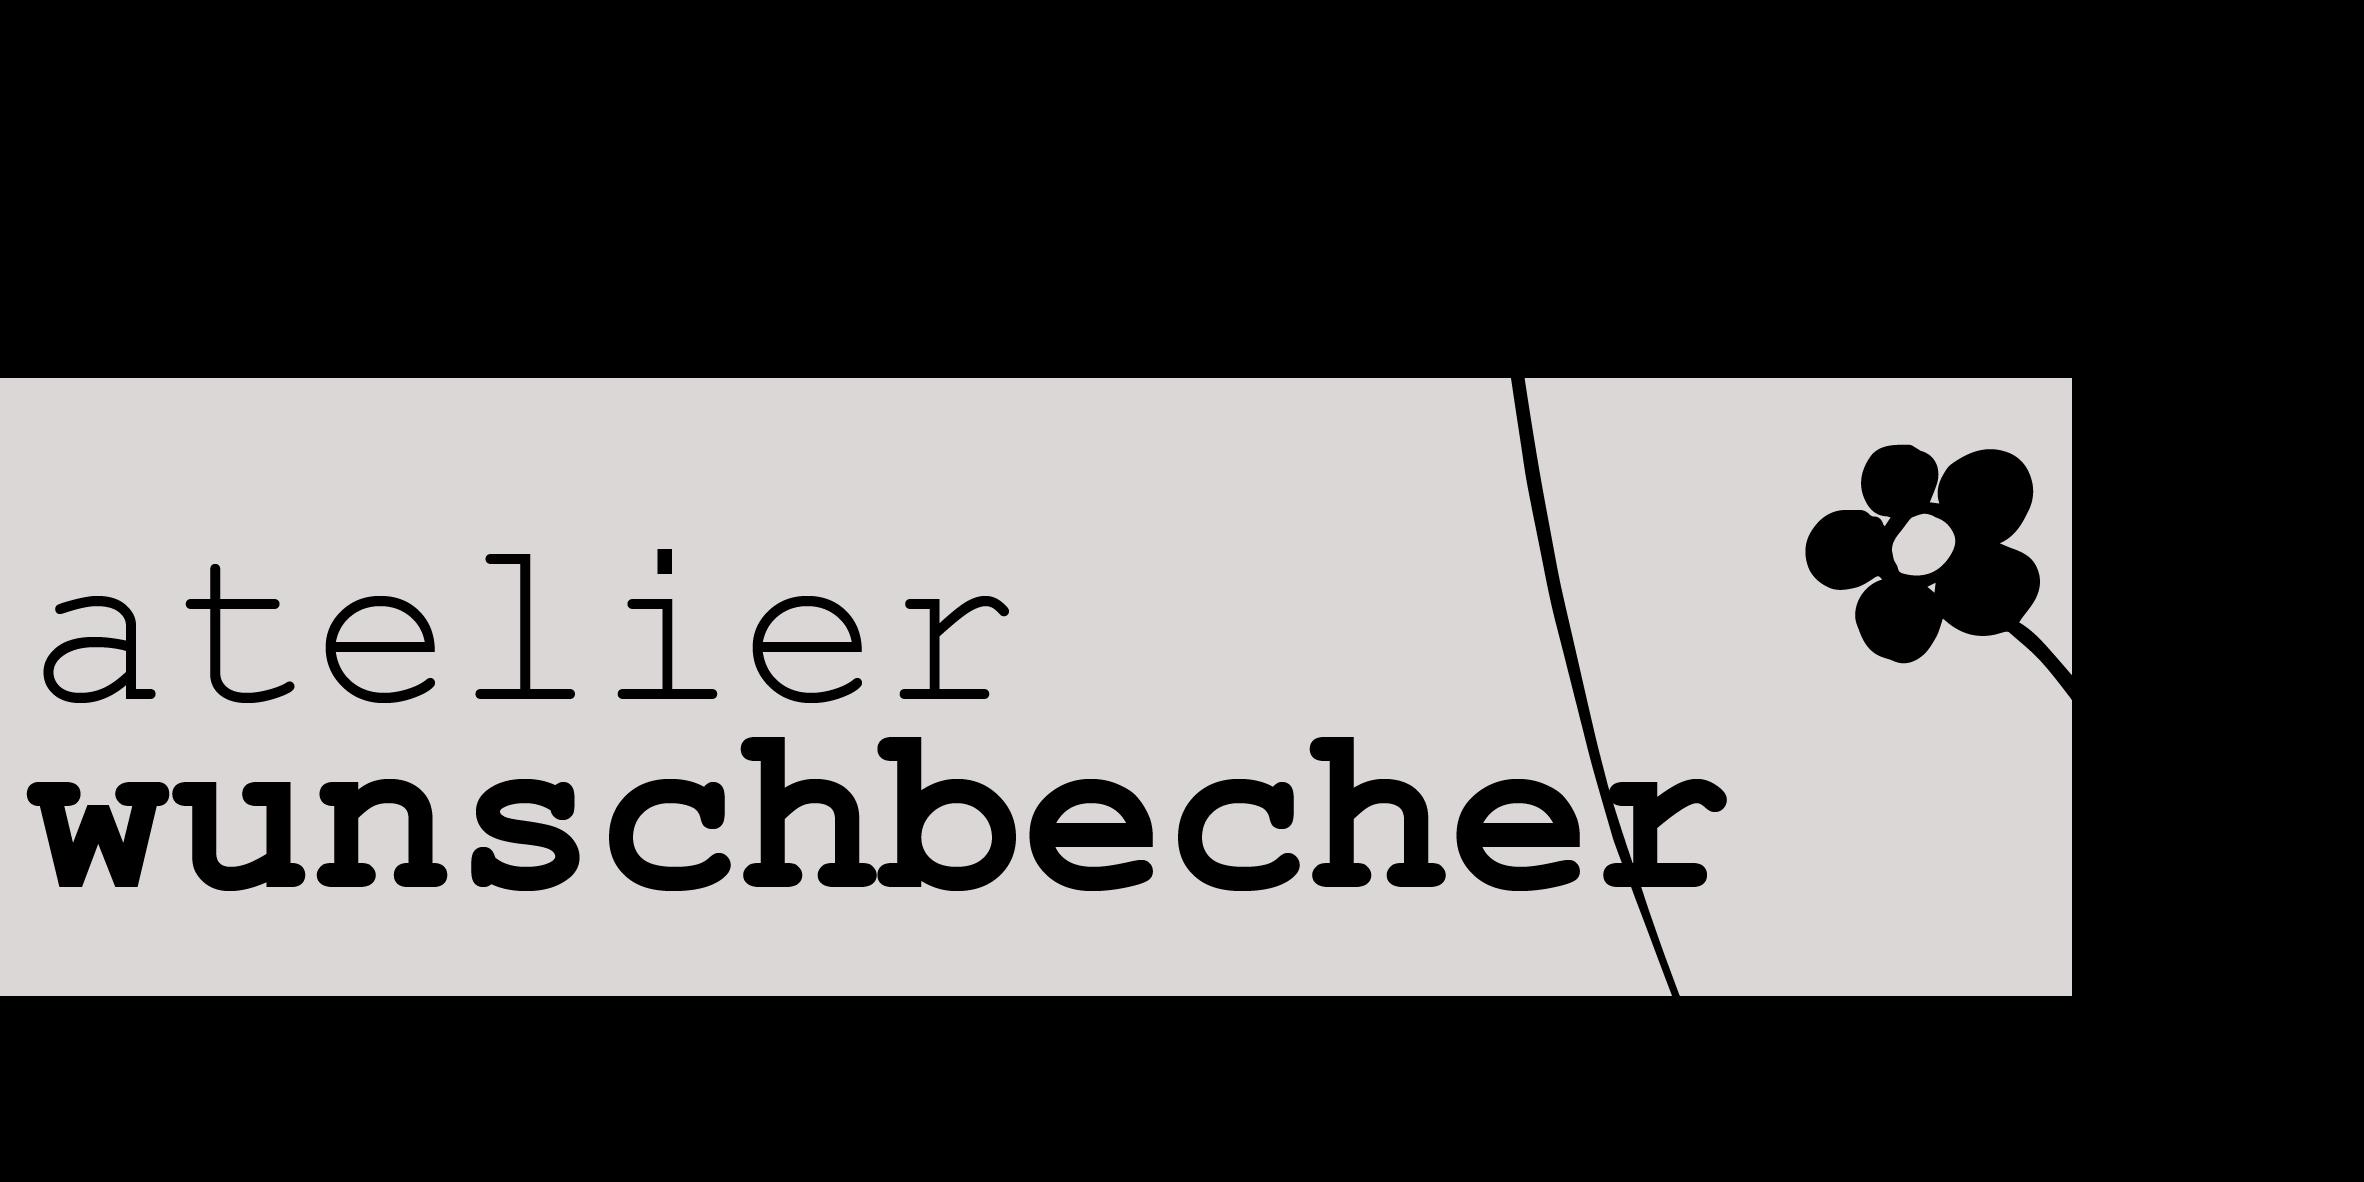 atelier wunschbecher Logo